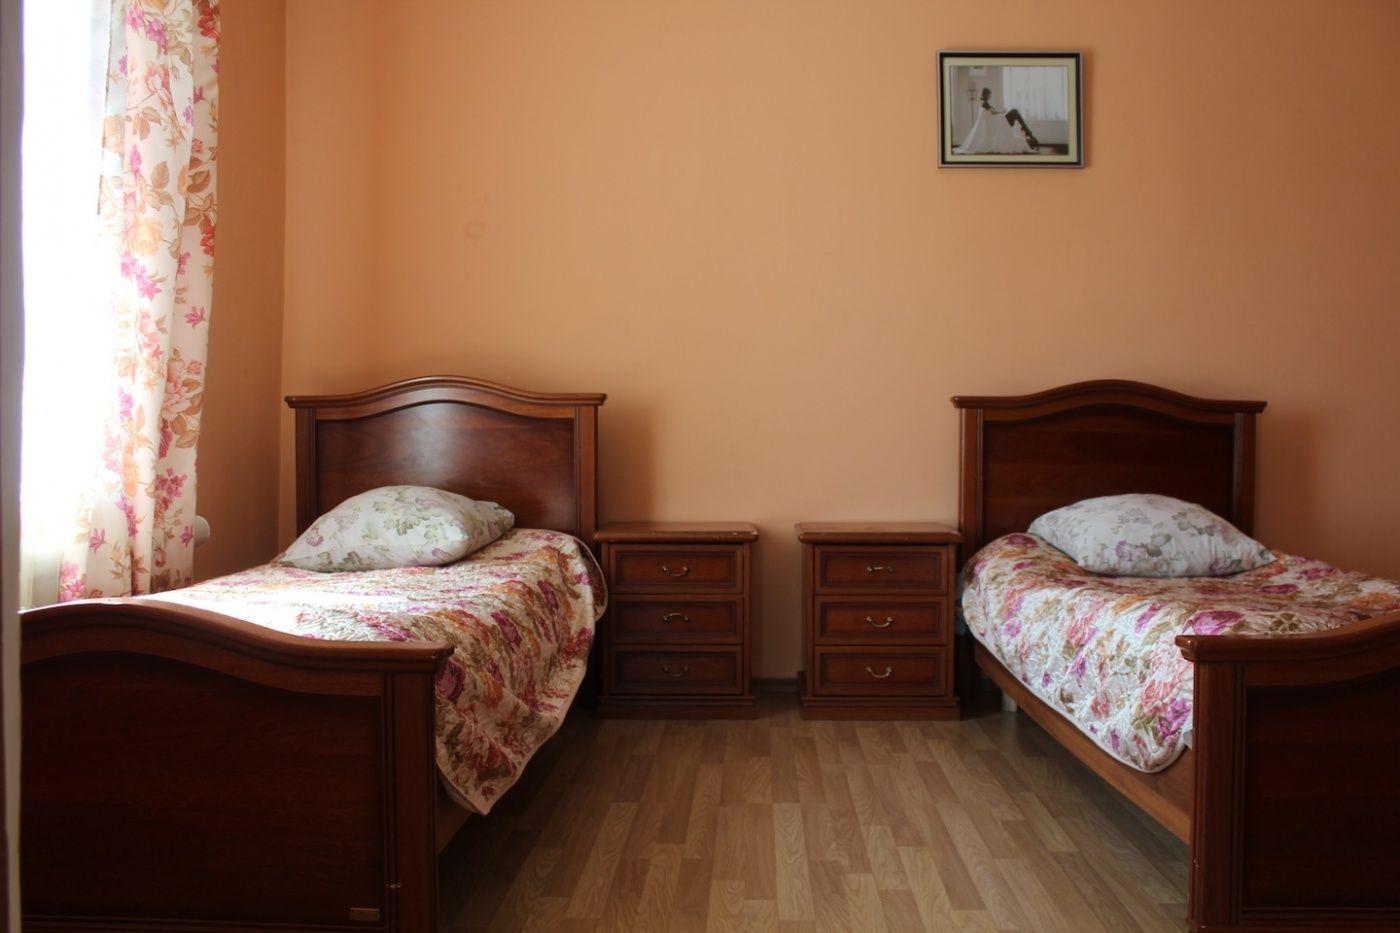 Коттеджный комплекс «Шиболово-Горки» Московская область Коттедж 10-местный (№ 1, 4), фото 5